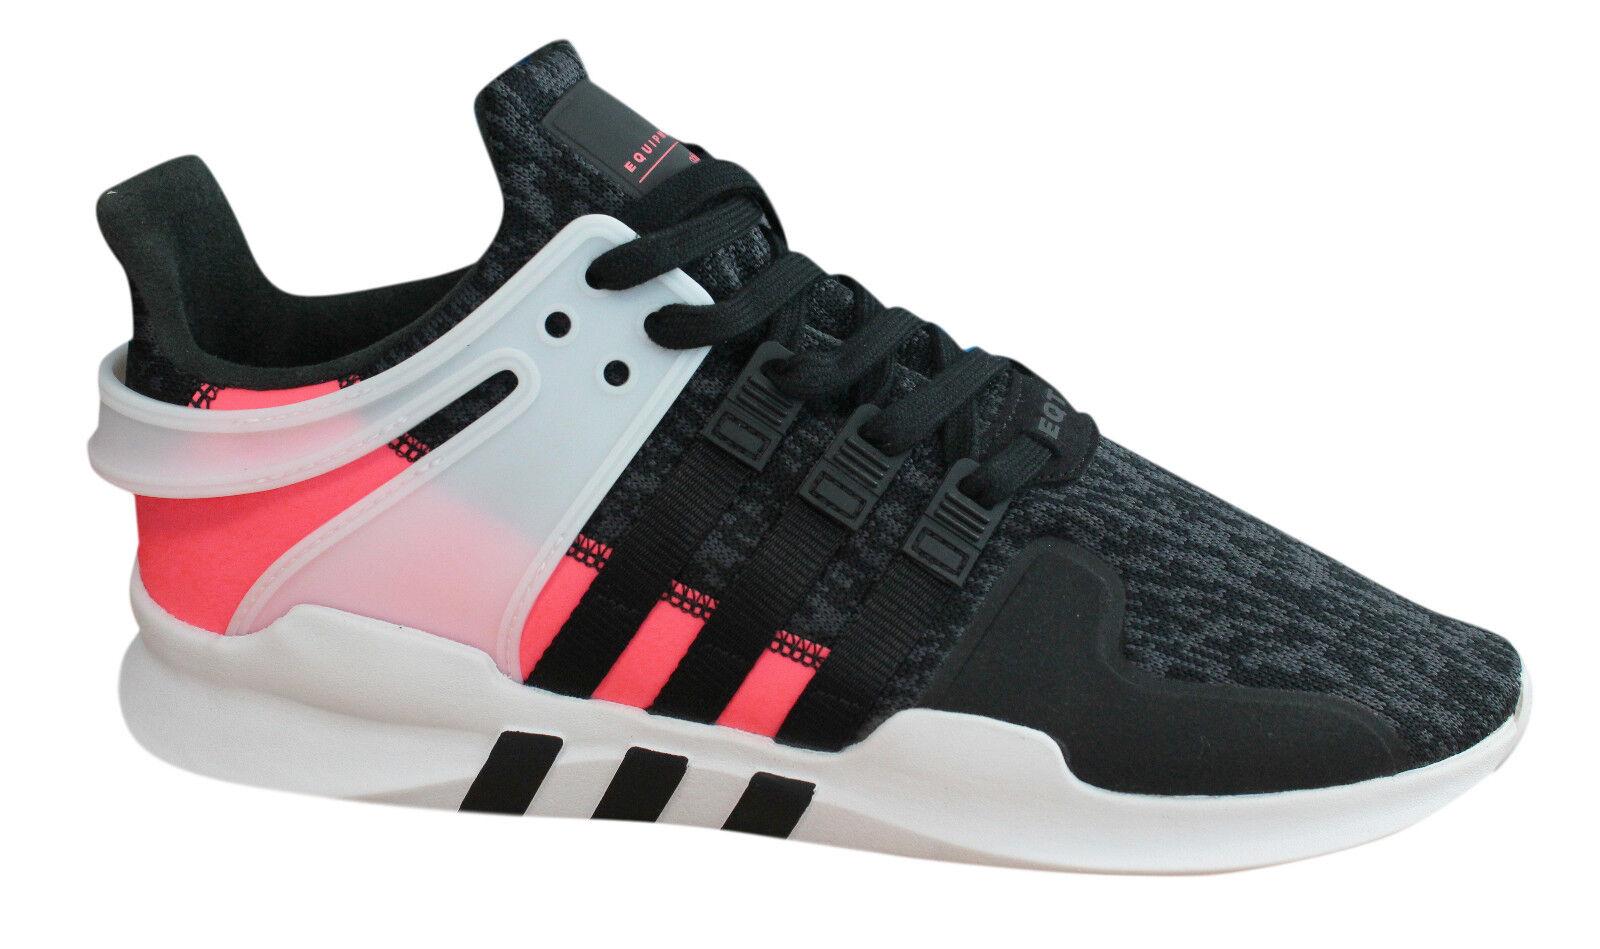 Adidas Originals apoyo Up de equipo anticipado hombre Trainers Lace Up apoyo bb1302 M17 4671b1